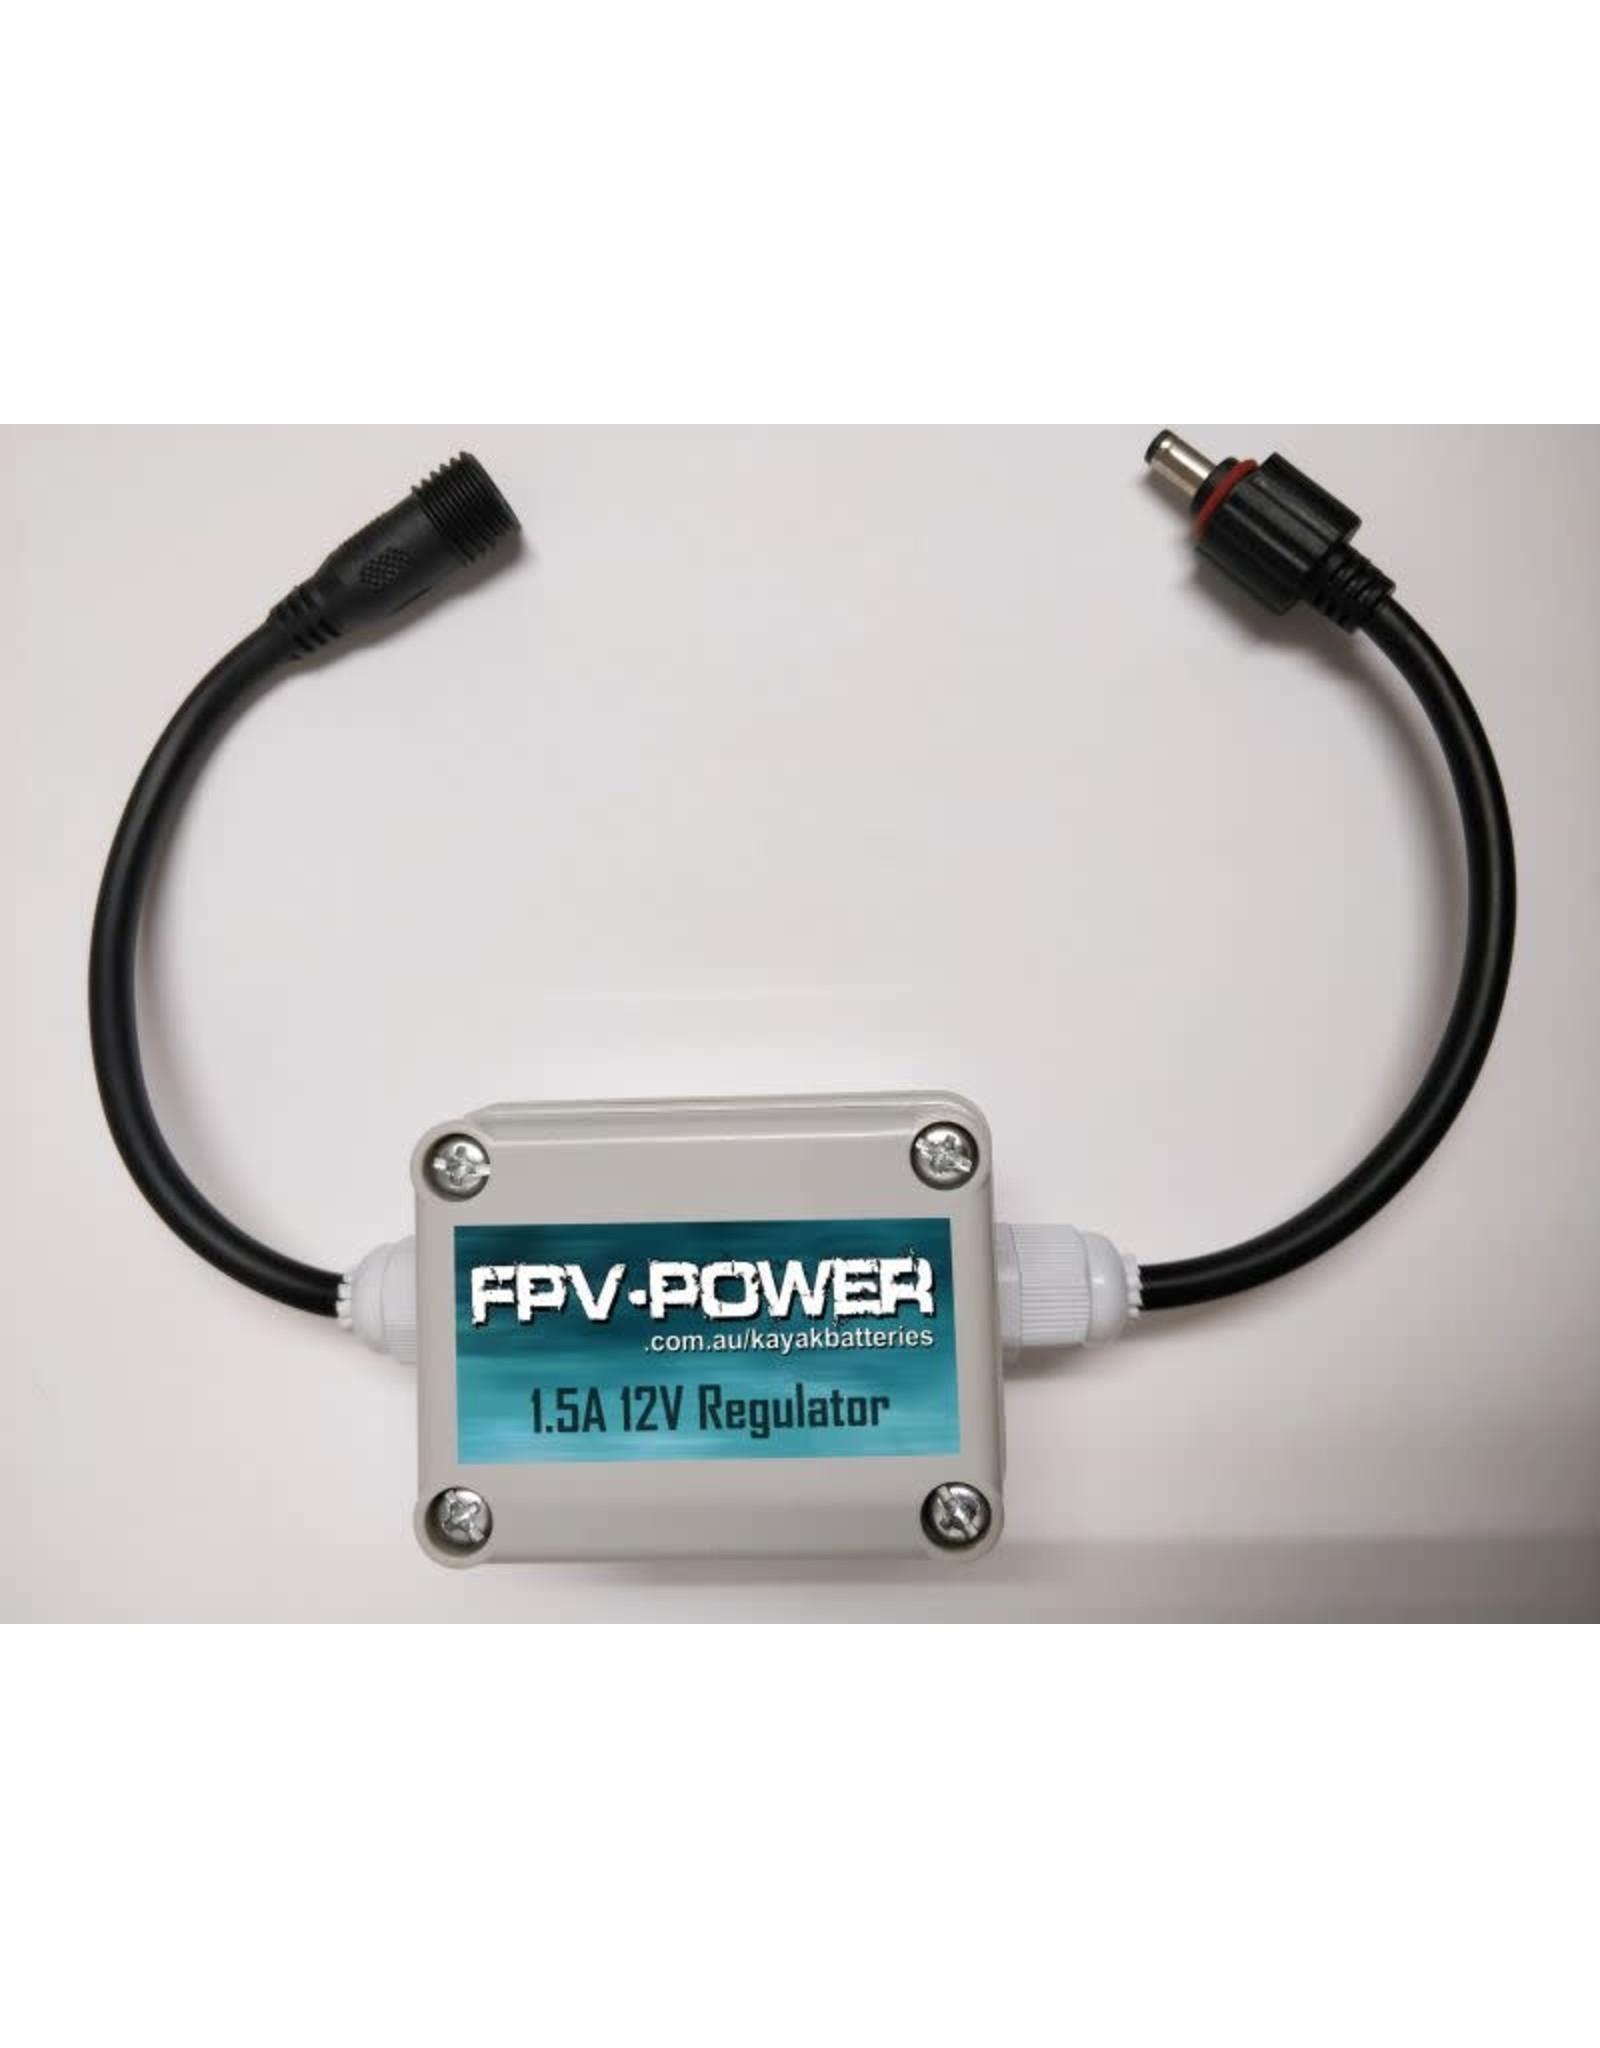 FPV FPV10149 - Power Regulator 12V 1.5A